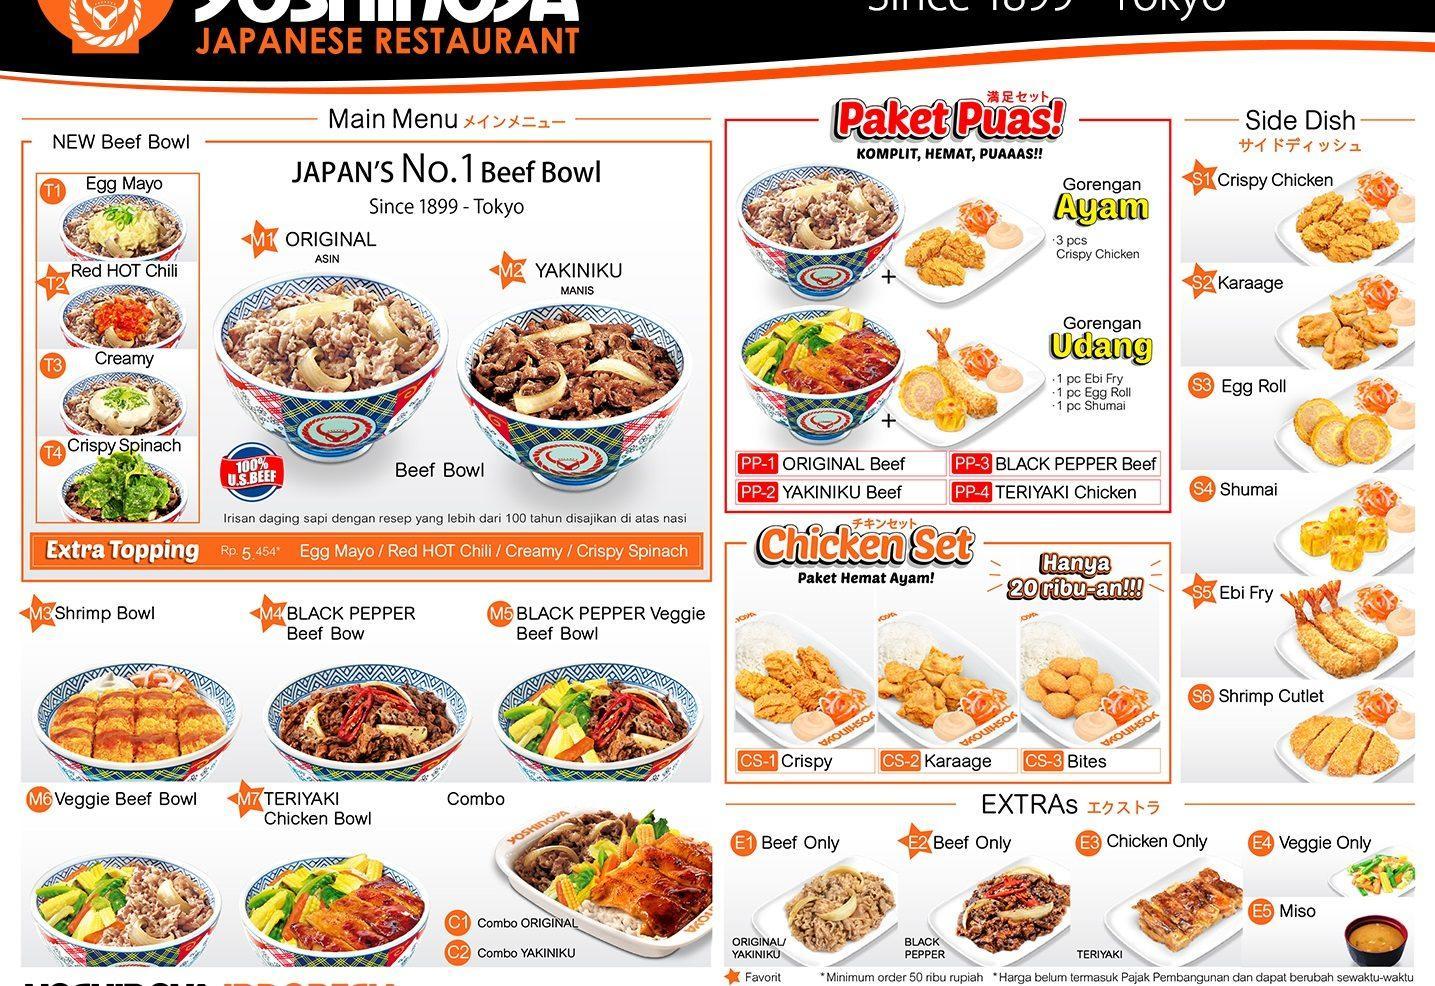 yoshinoya-menu